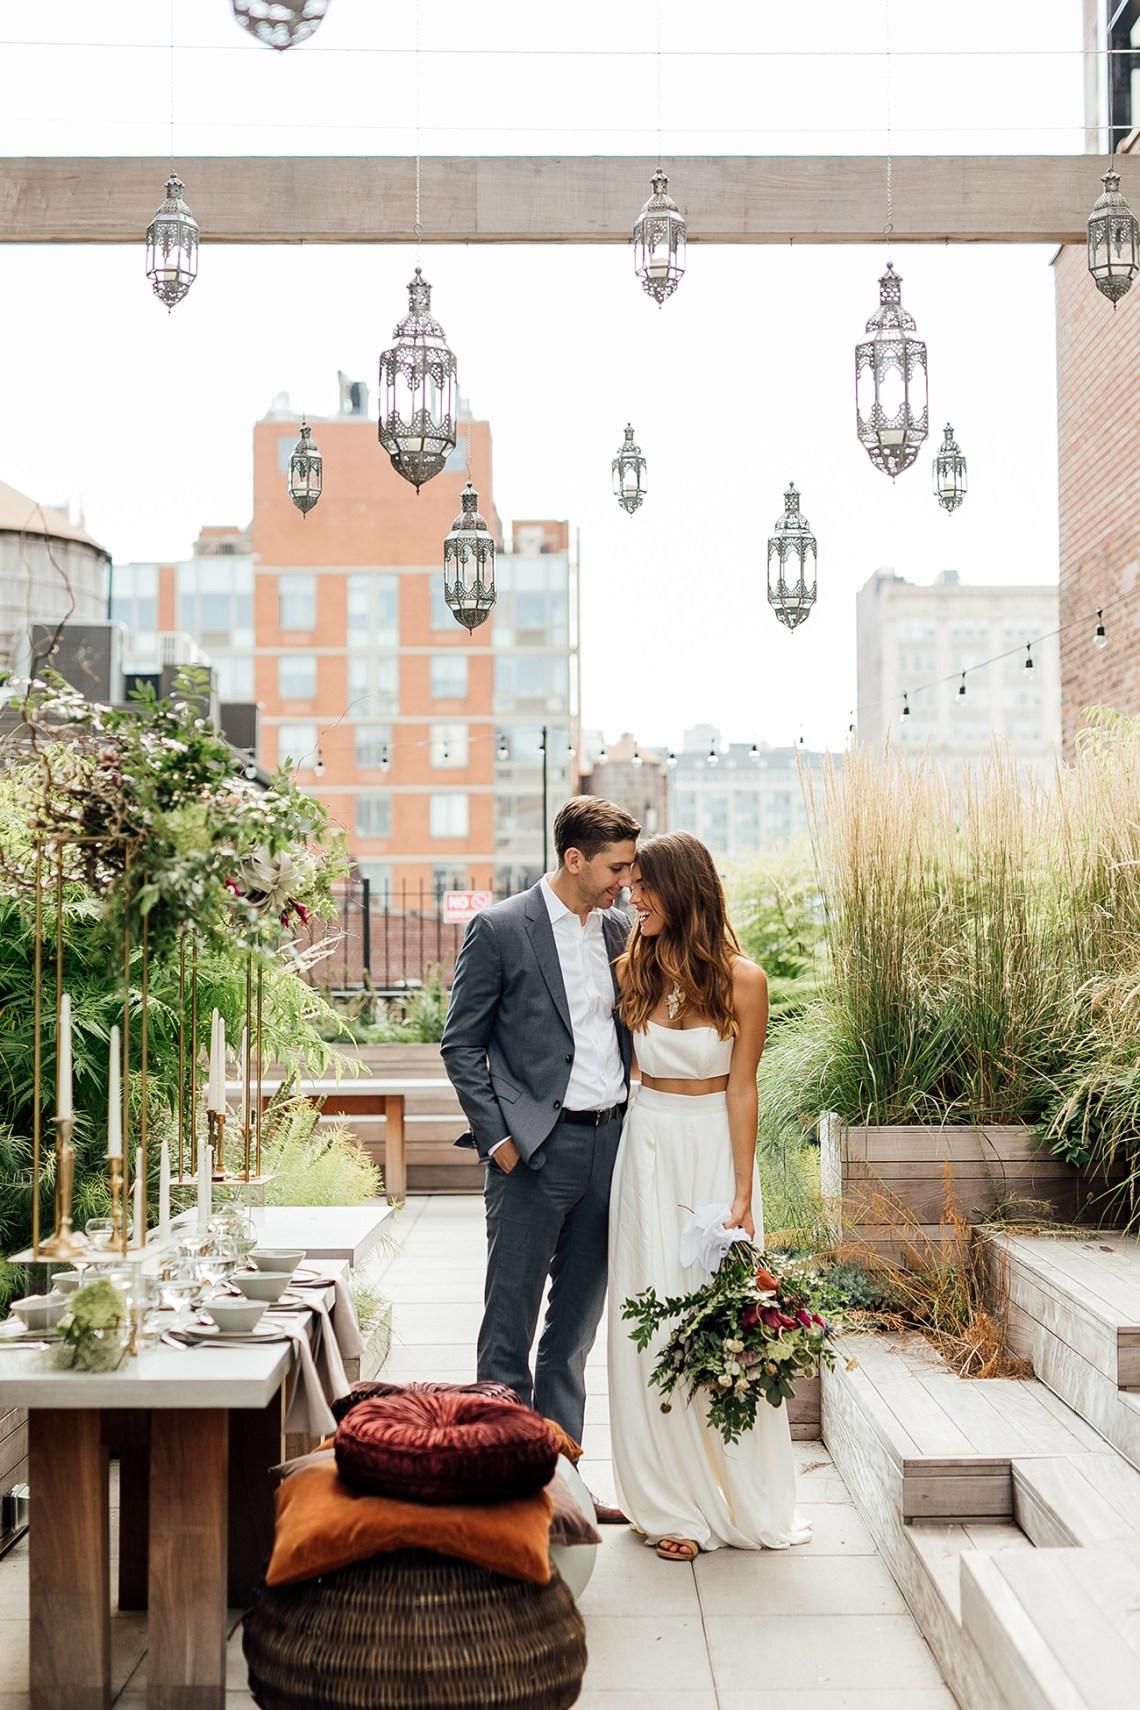 tendencias bodas 2020 Pinterest